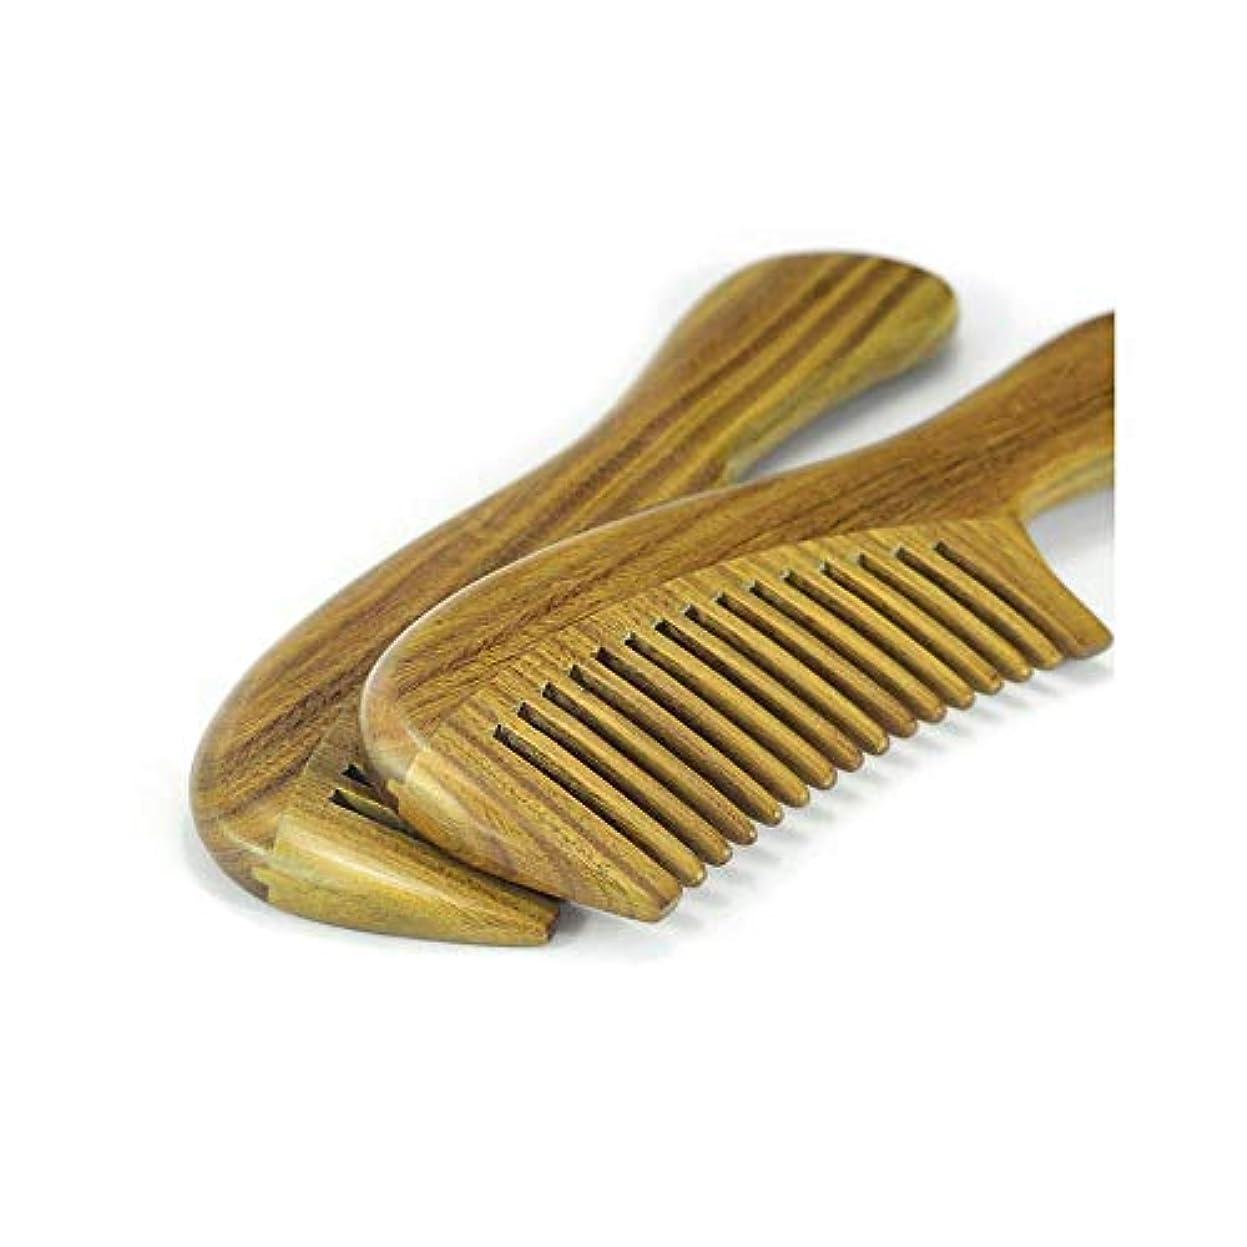 高齢者復讐デコレーションFashianナチュラルグリーンサンダルウッド木製のもつれ解除はありません静的ヘアコーム(標準歯形、20センチメートル) ヘアケア